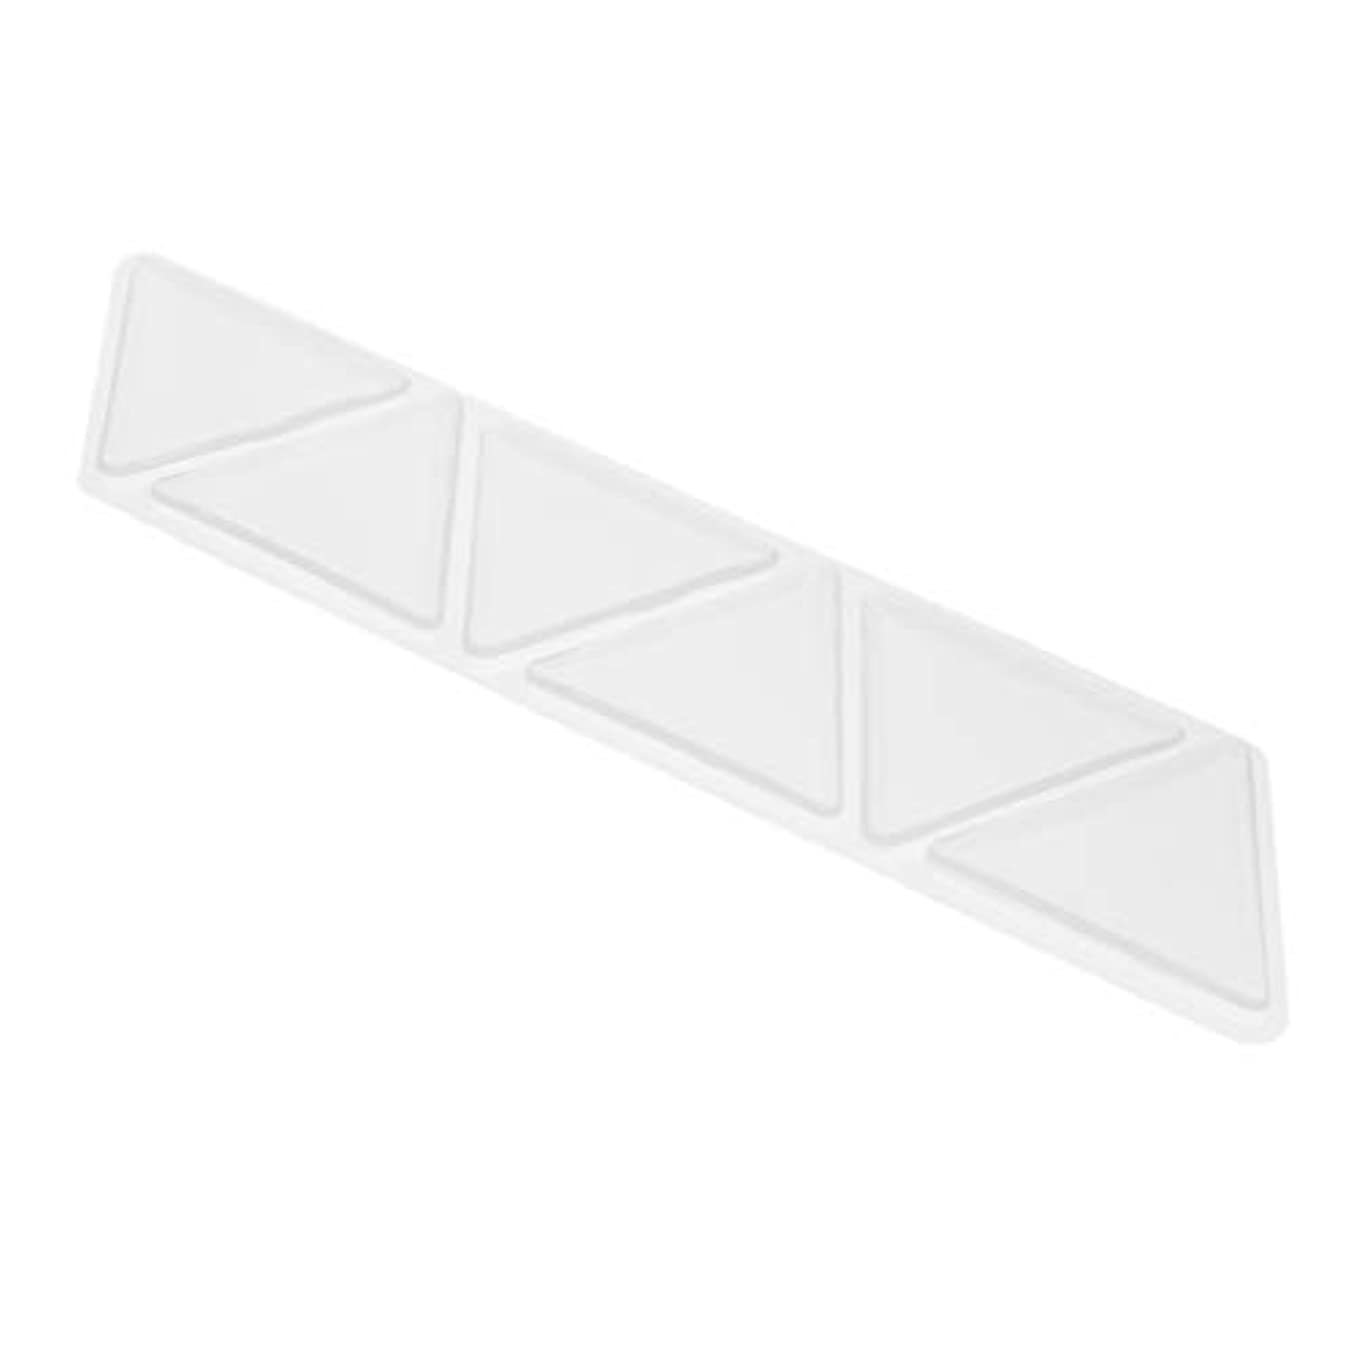 アルファベット順未使用露出度の高いD DOLITY シリコーン アンチリンクル 額 パッド パッチスキンケア 三角パッド 6個セット